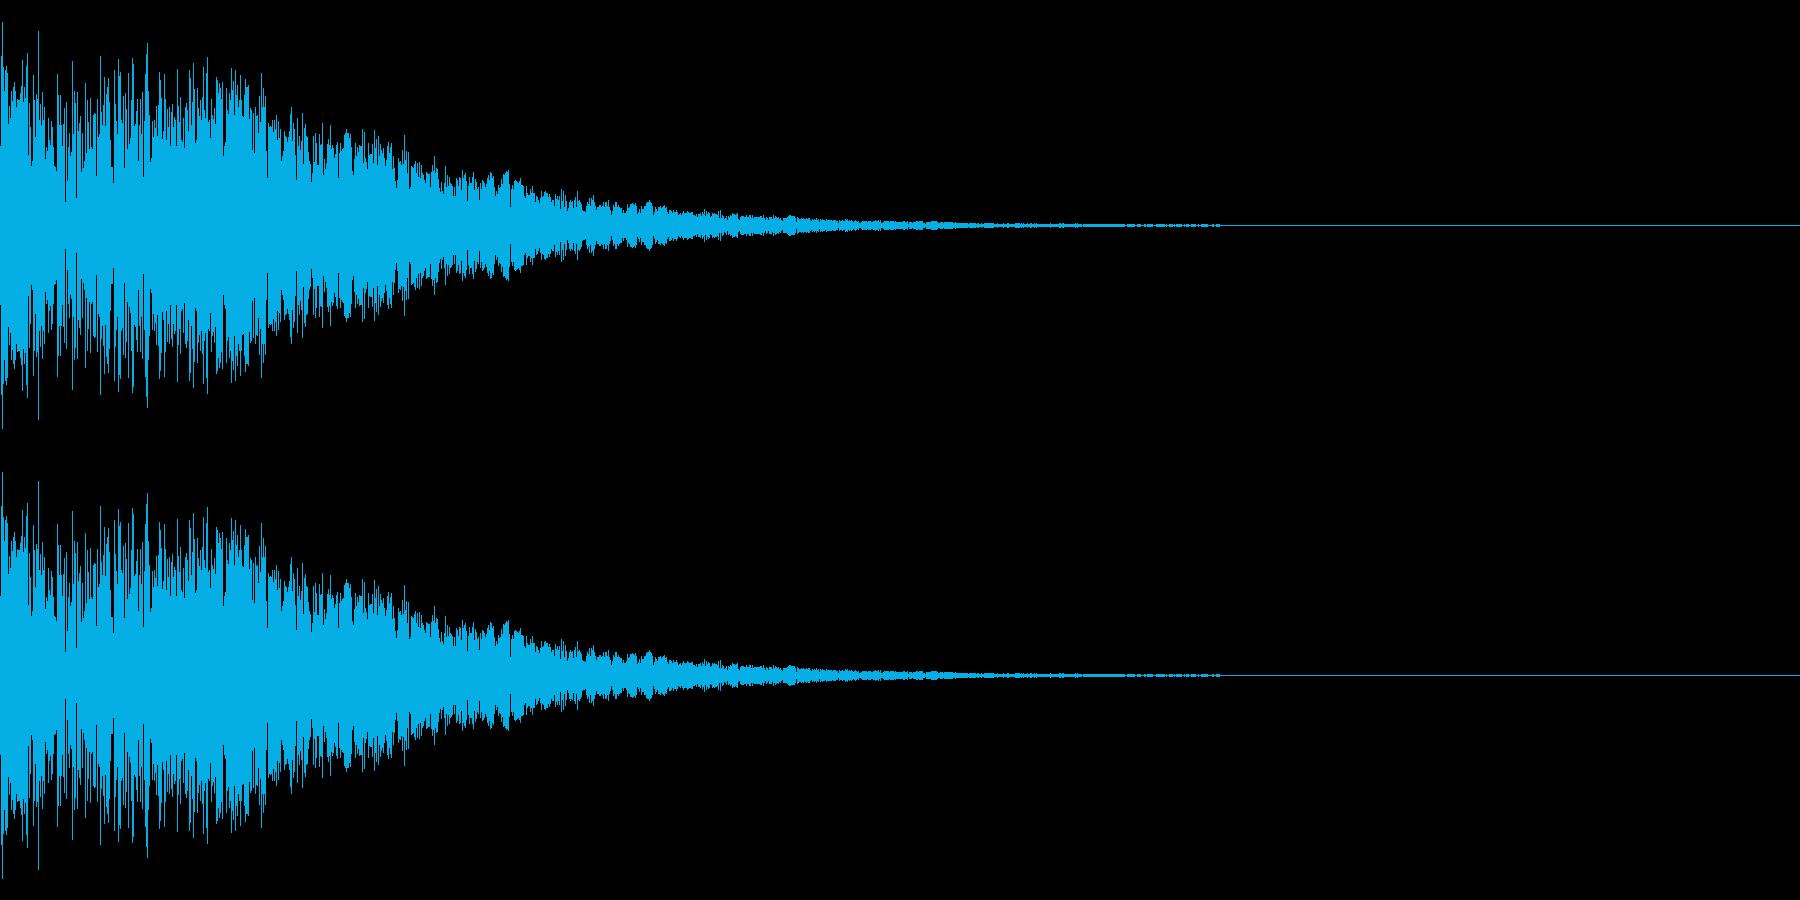 レトロゲームにありそうな衝撃、上昇音の再生済みの波形